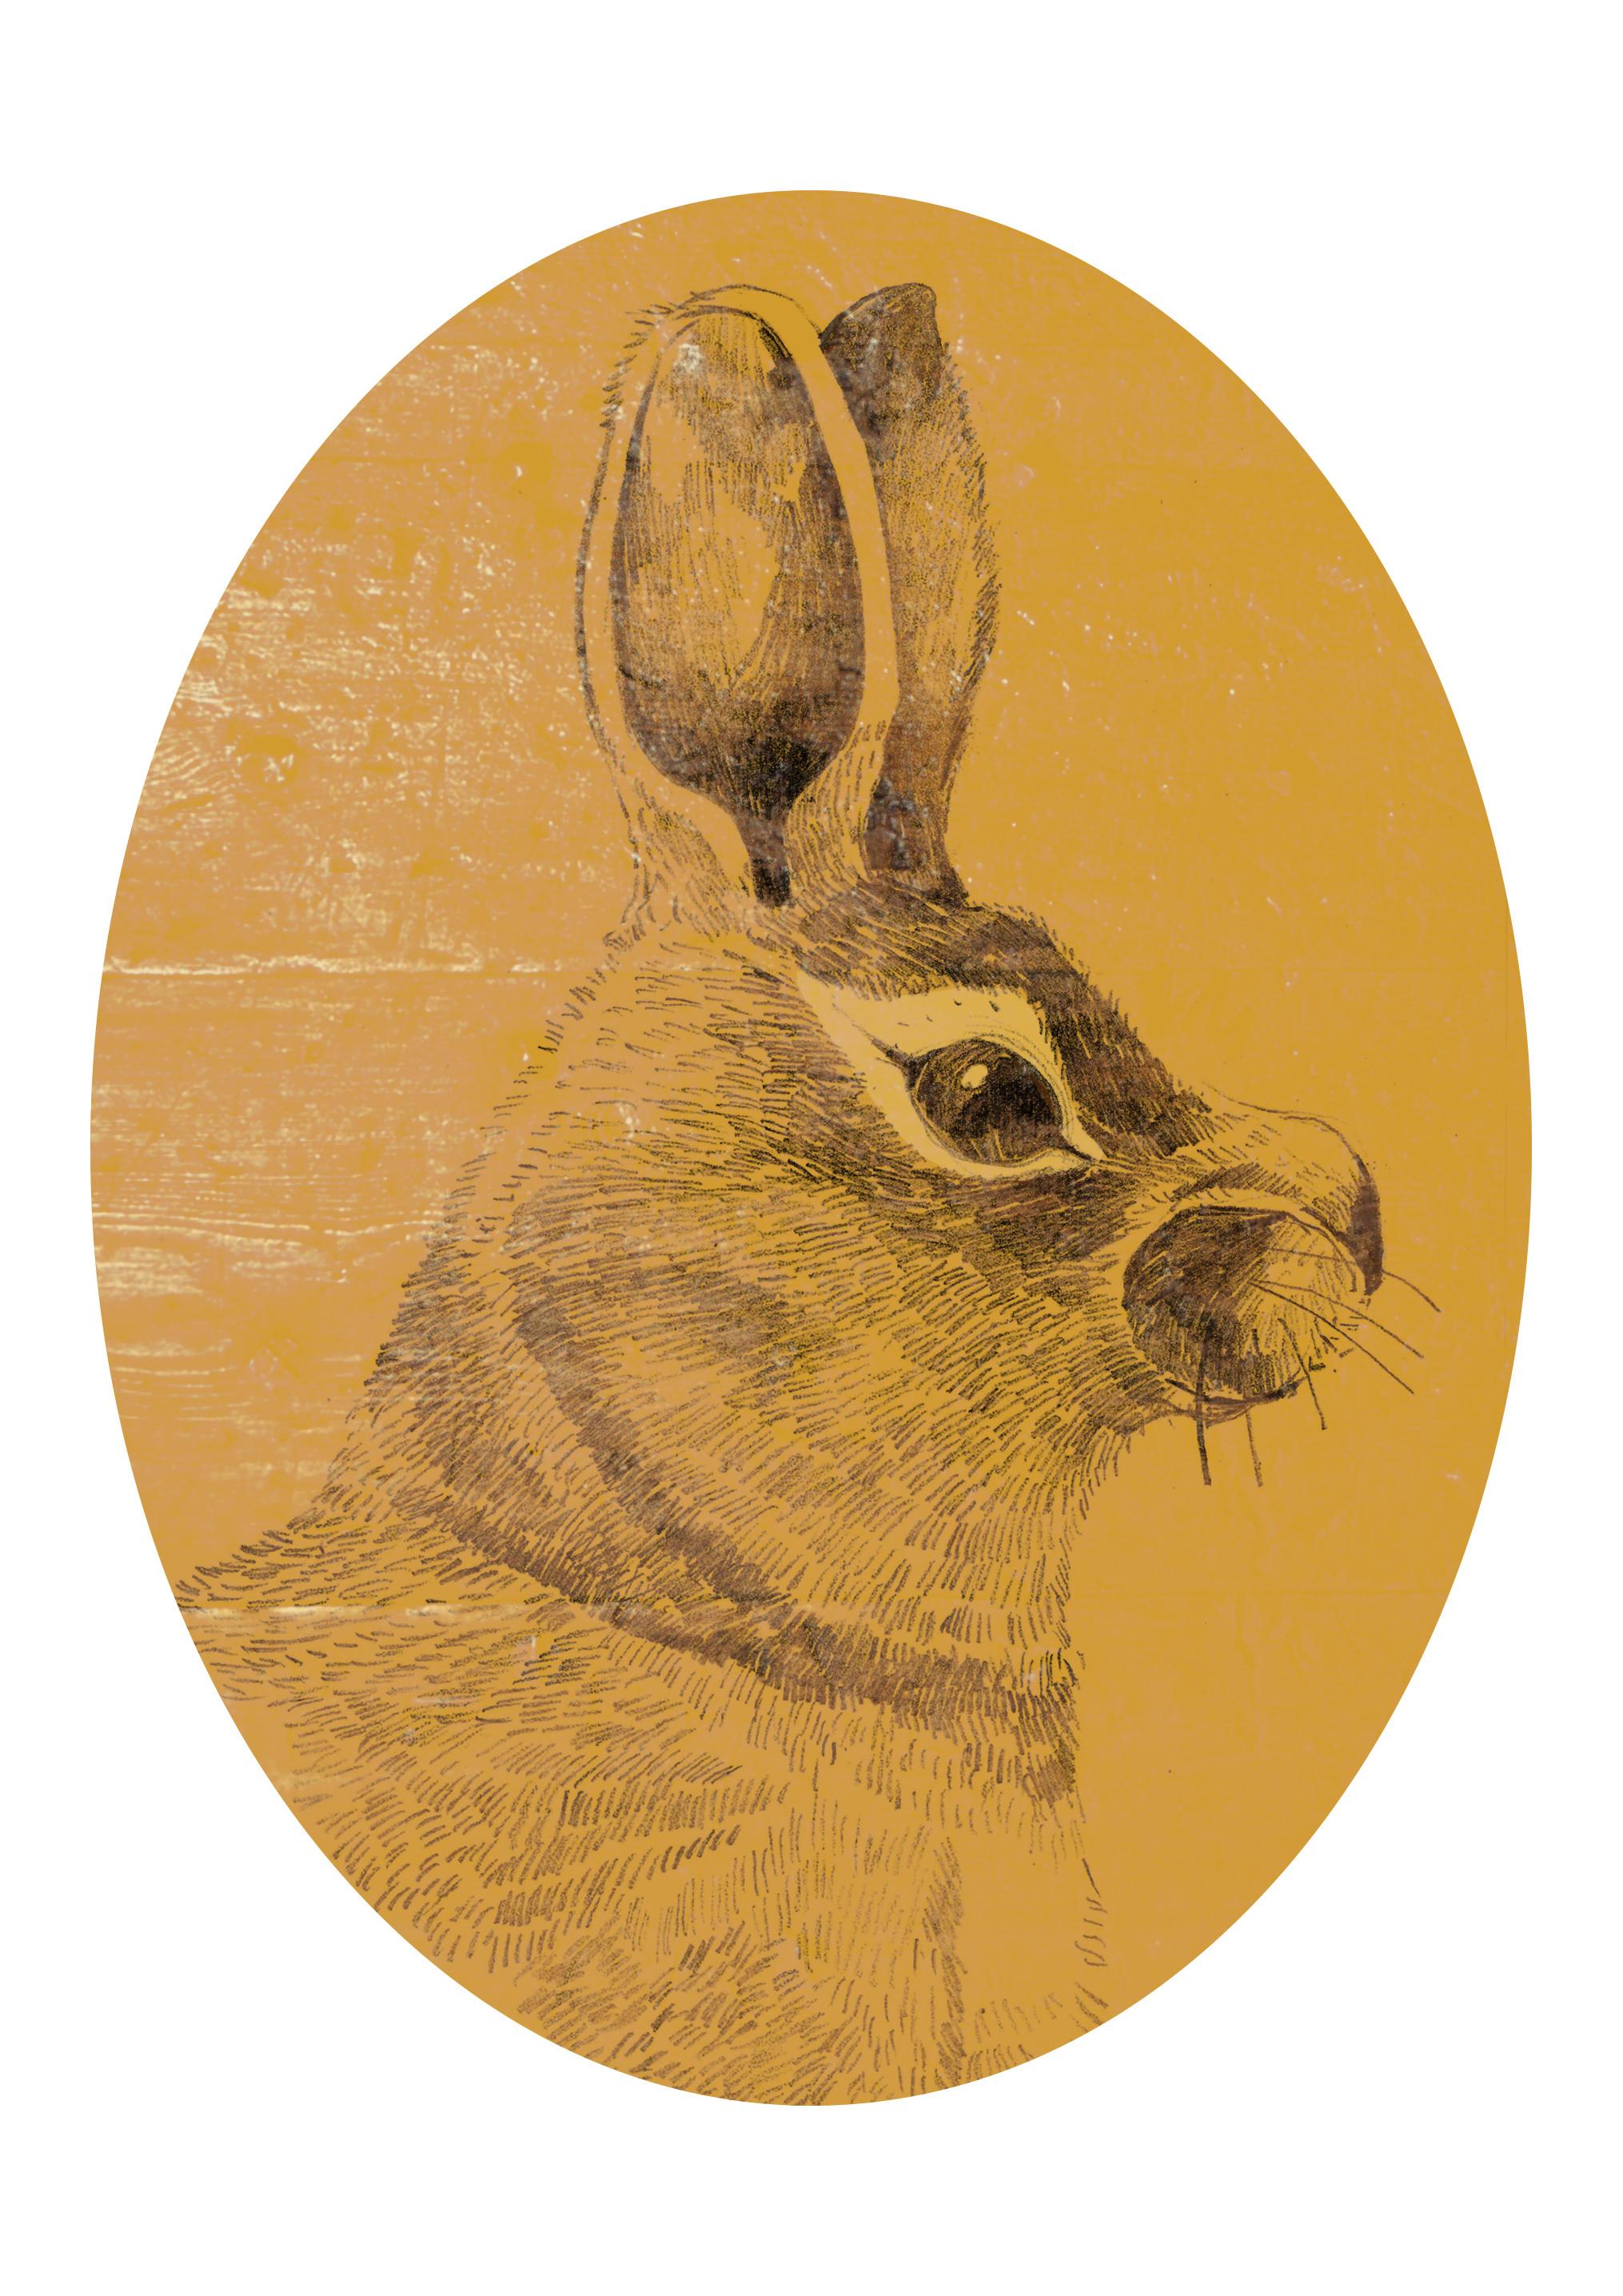 Barok Bunny